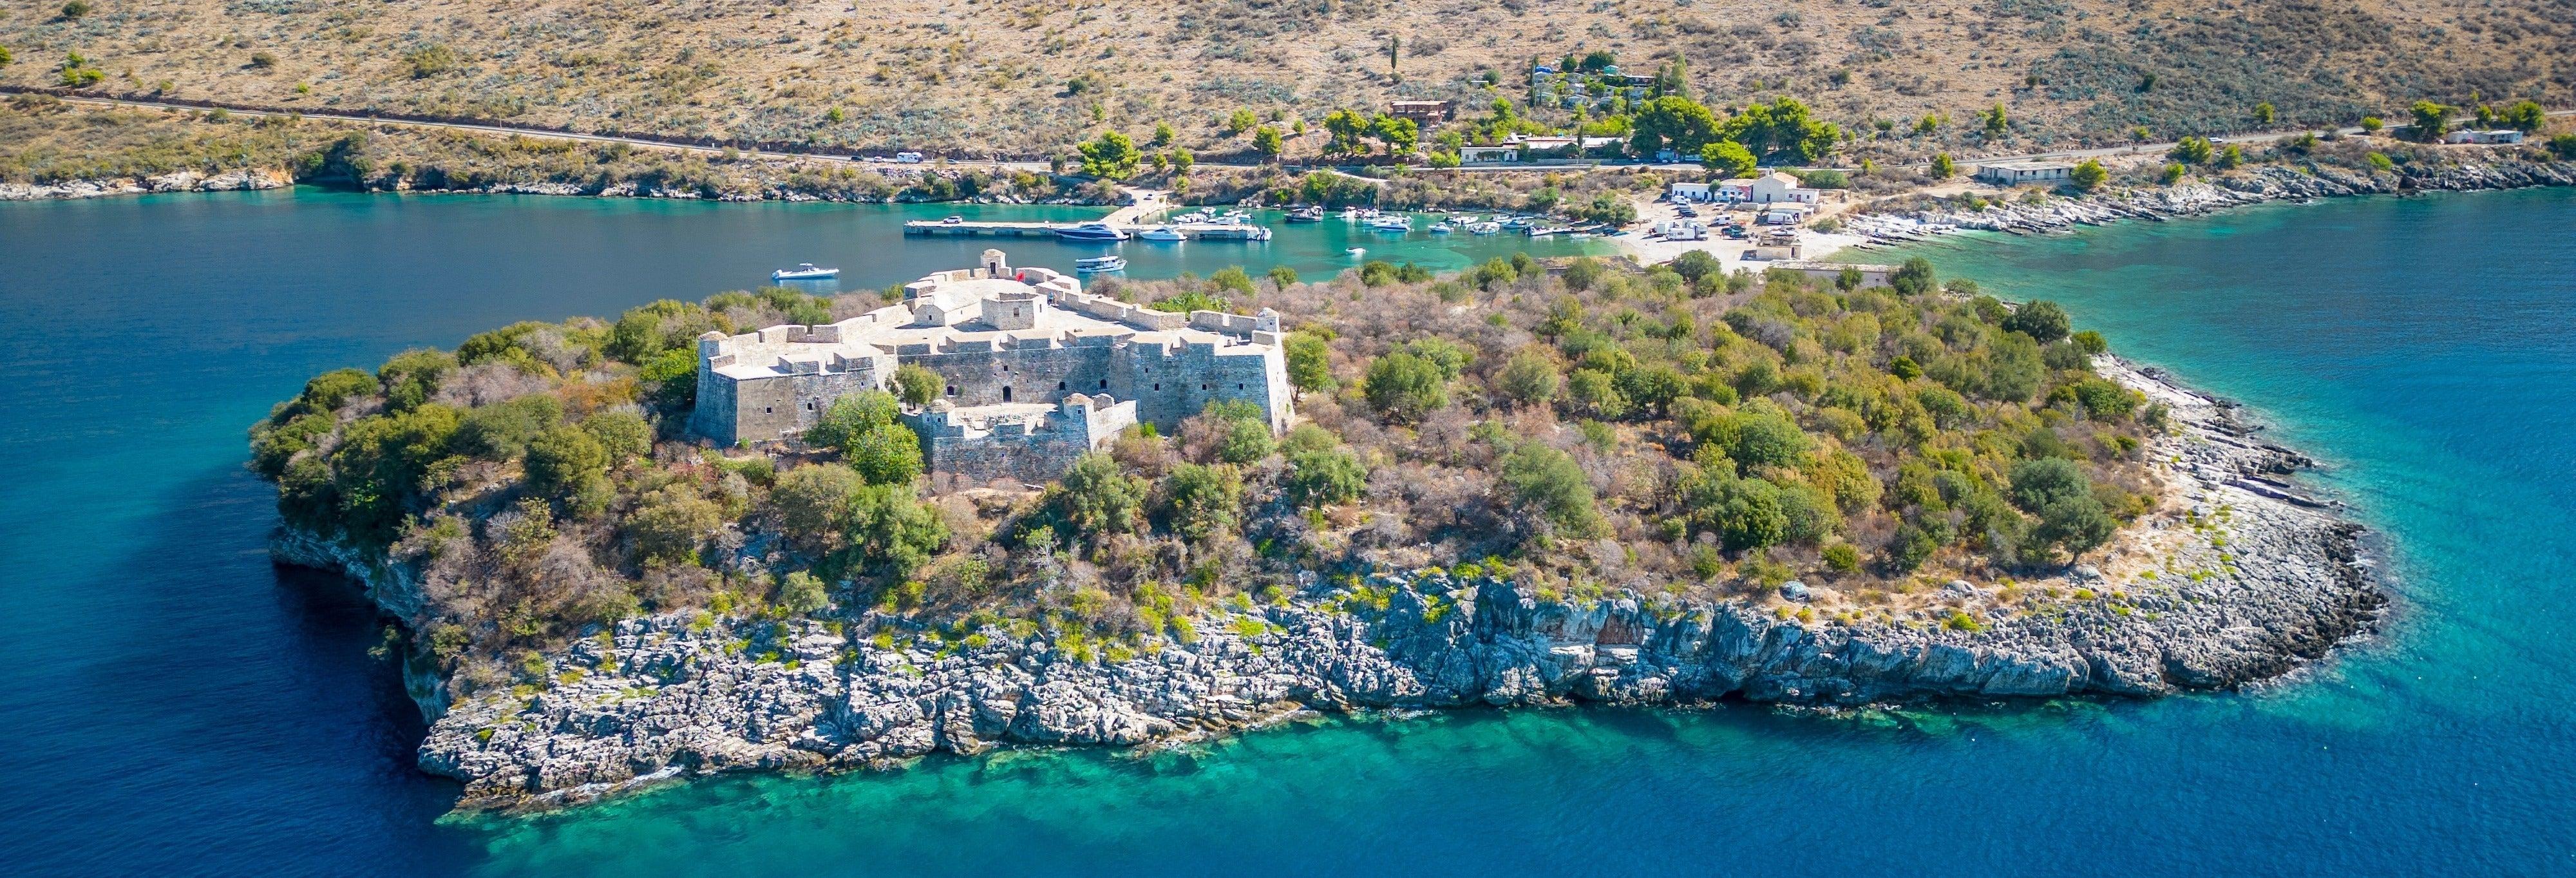 Tour por la Riviera albanesa